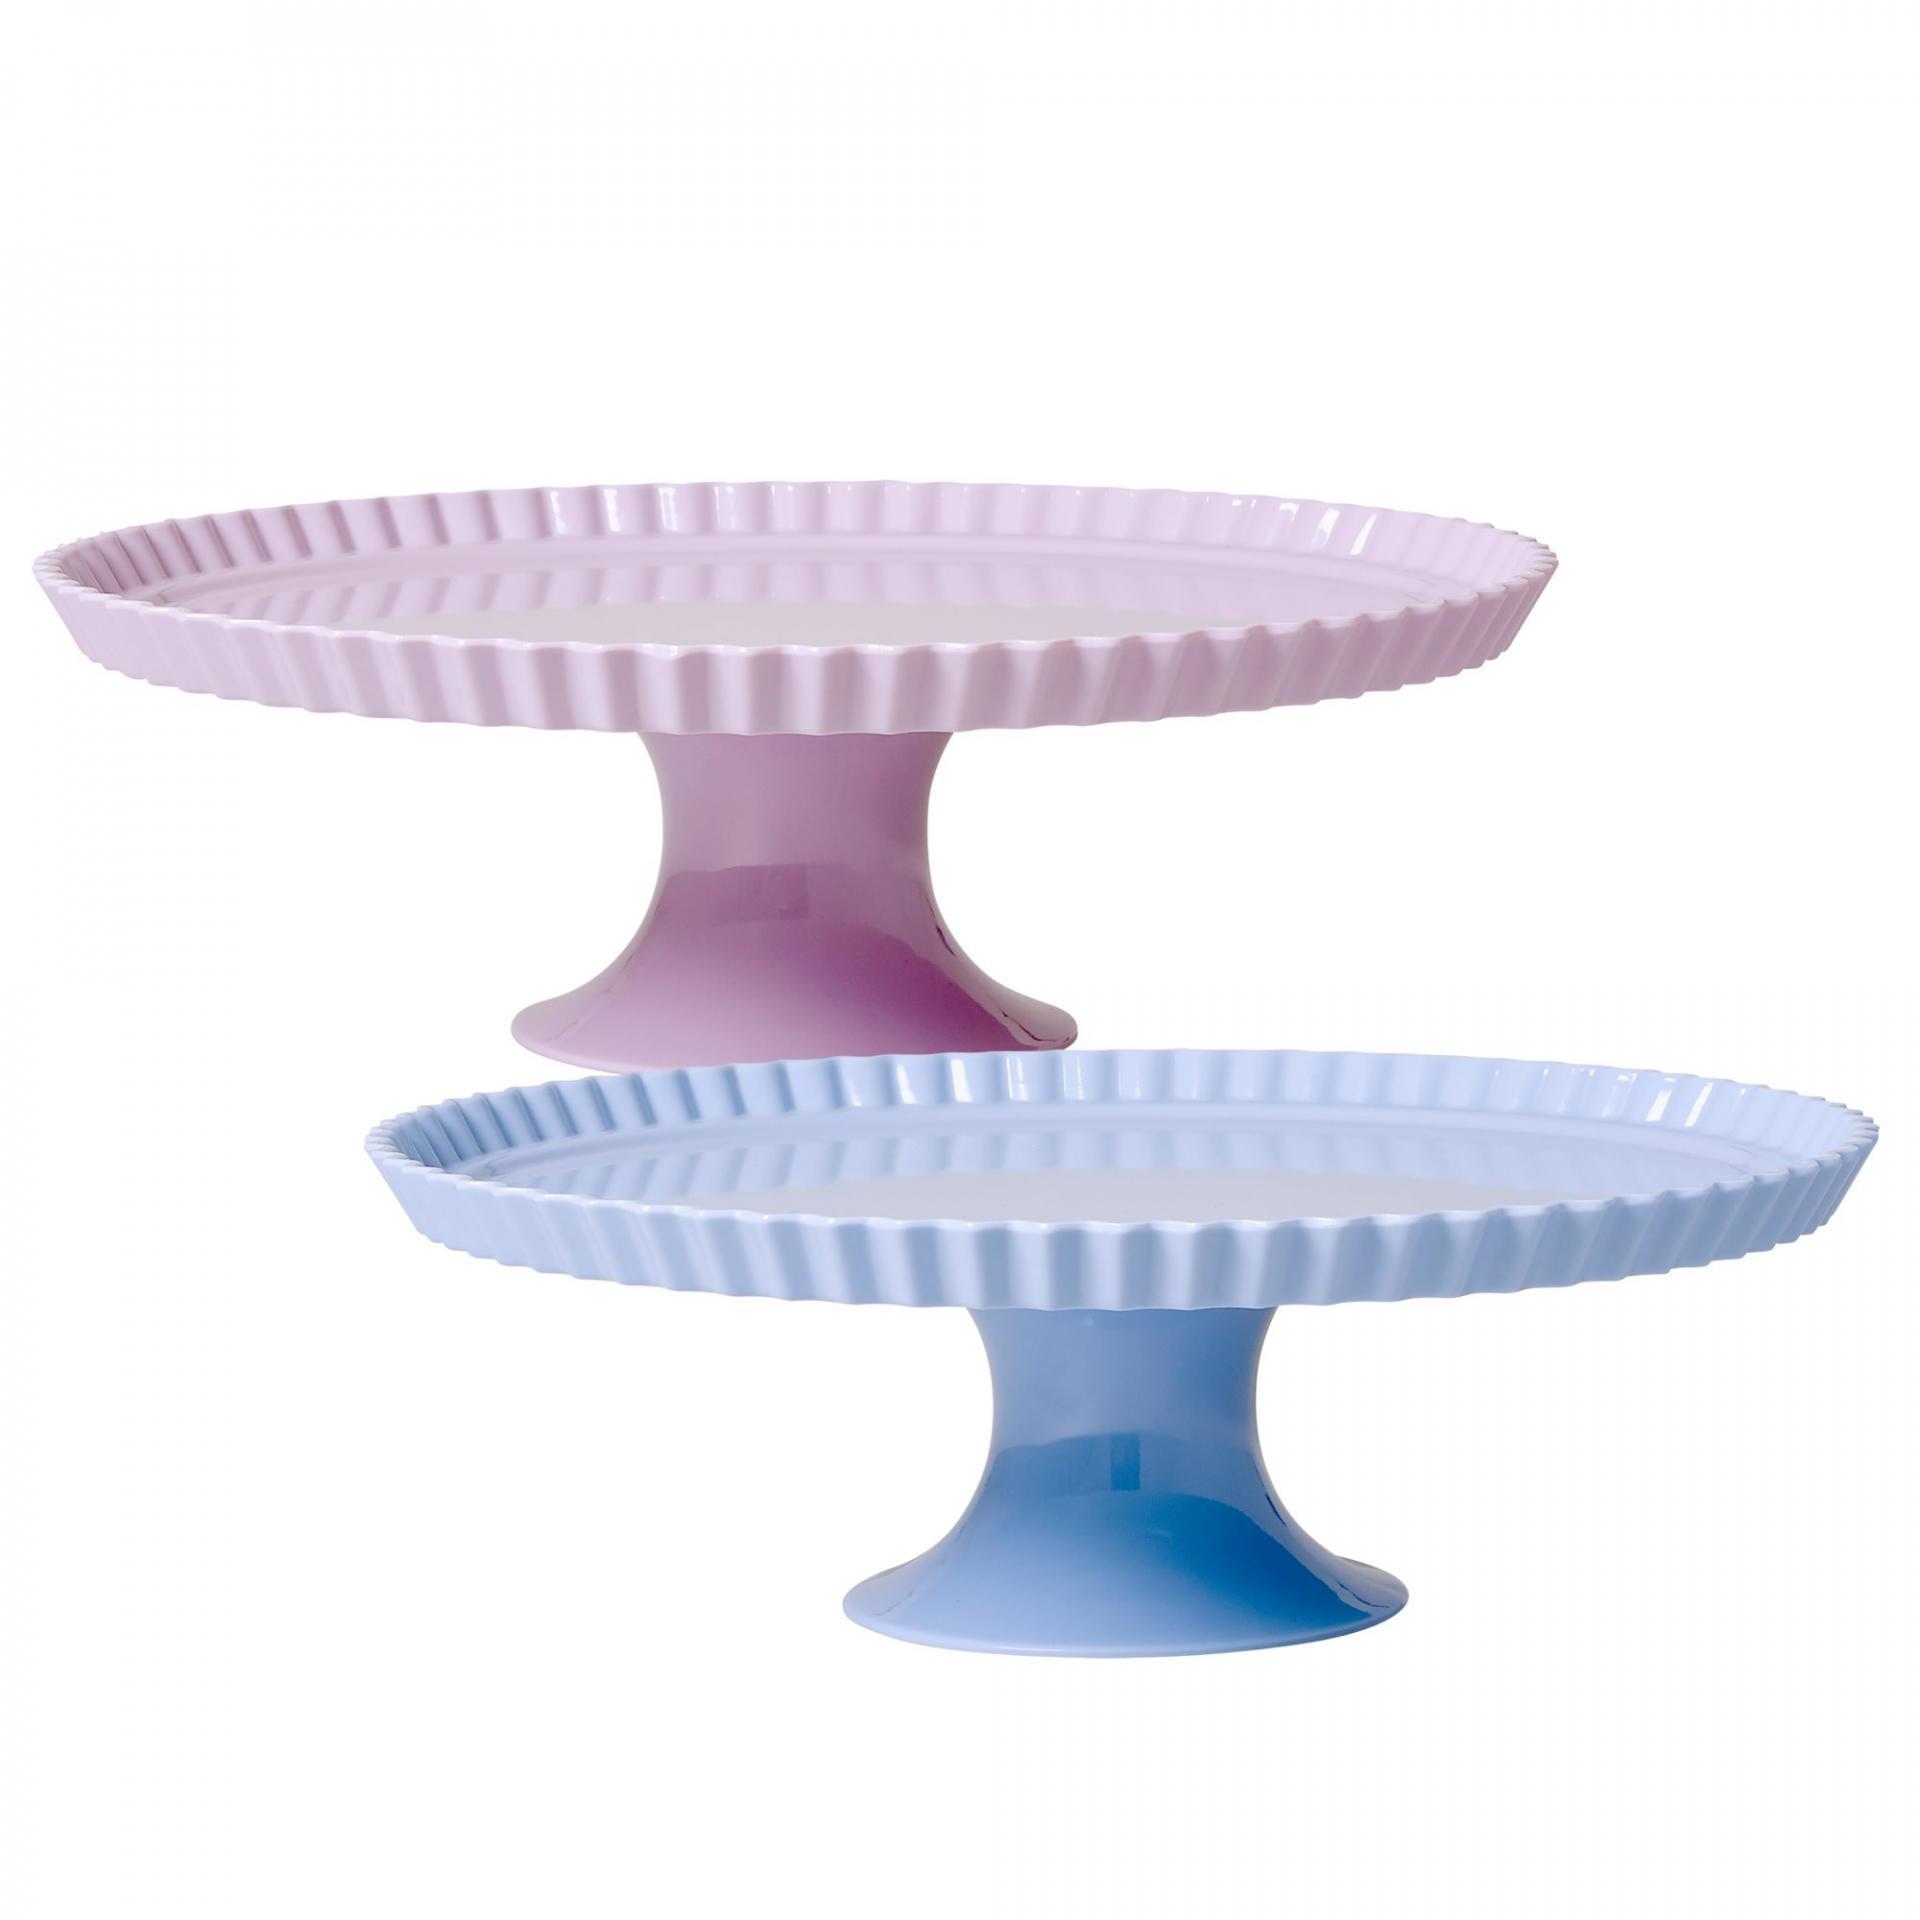 rice Melaminový dortový stojan Lila, růžová barva, modrá barva, melamin